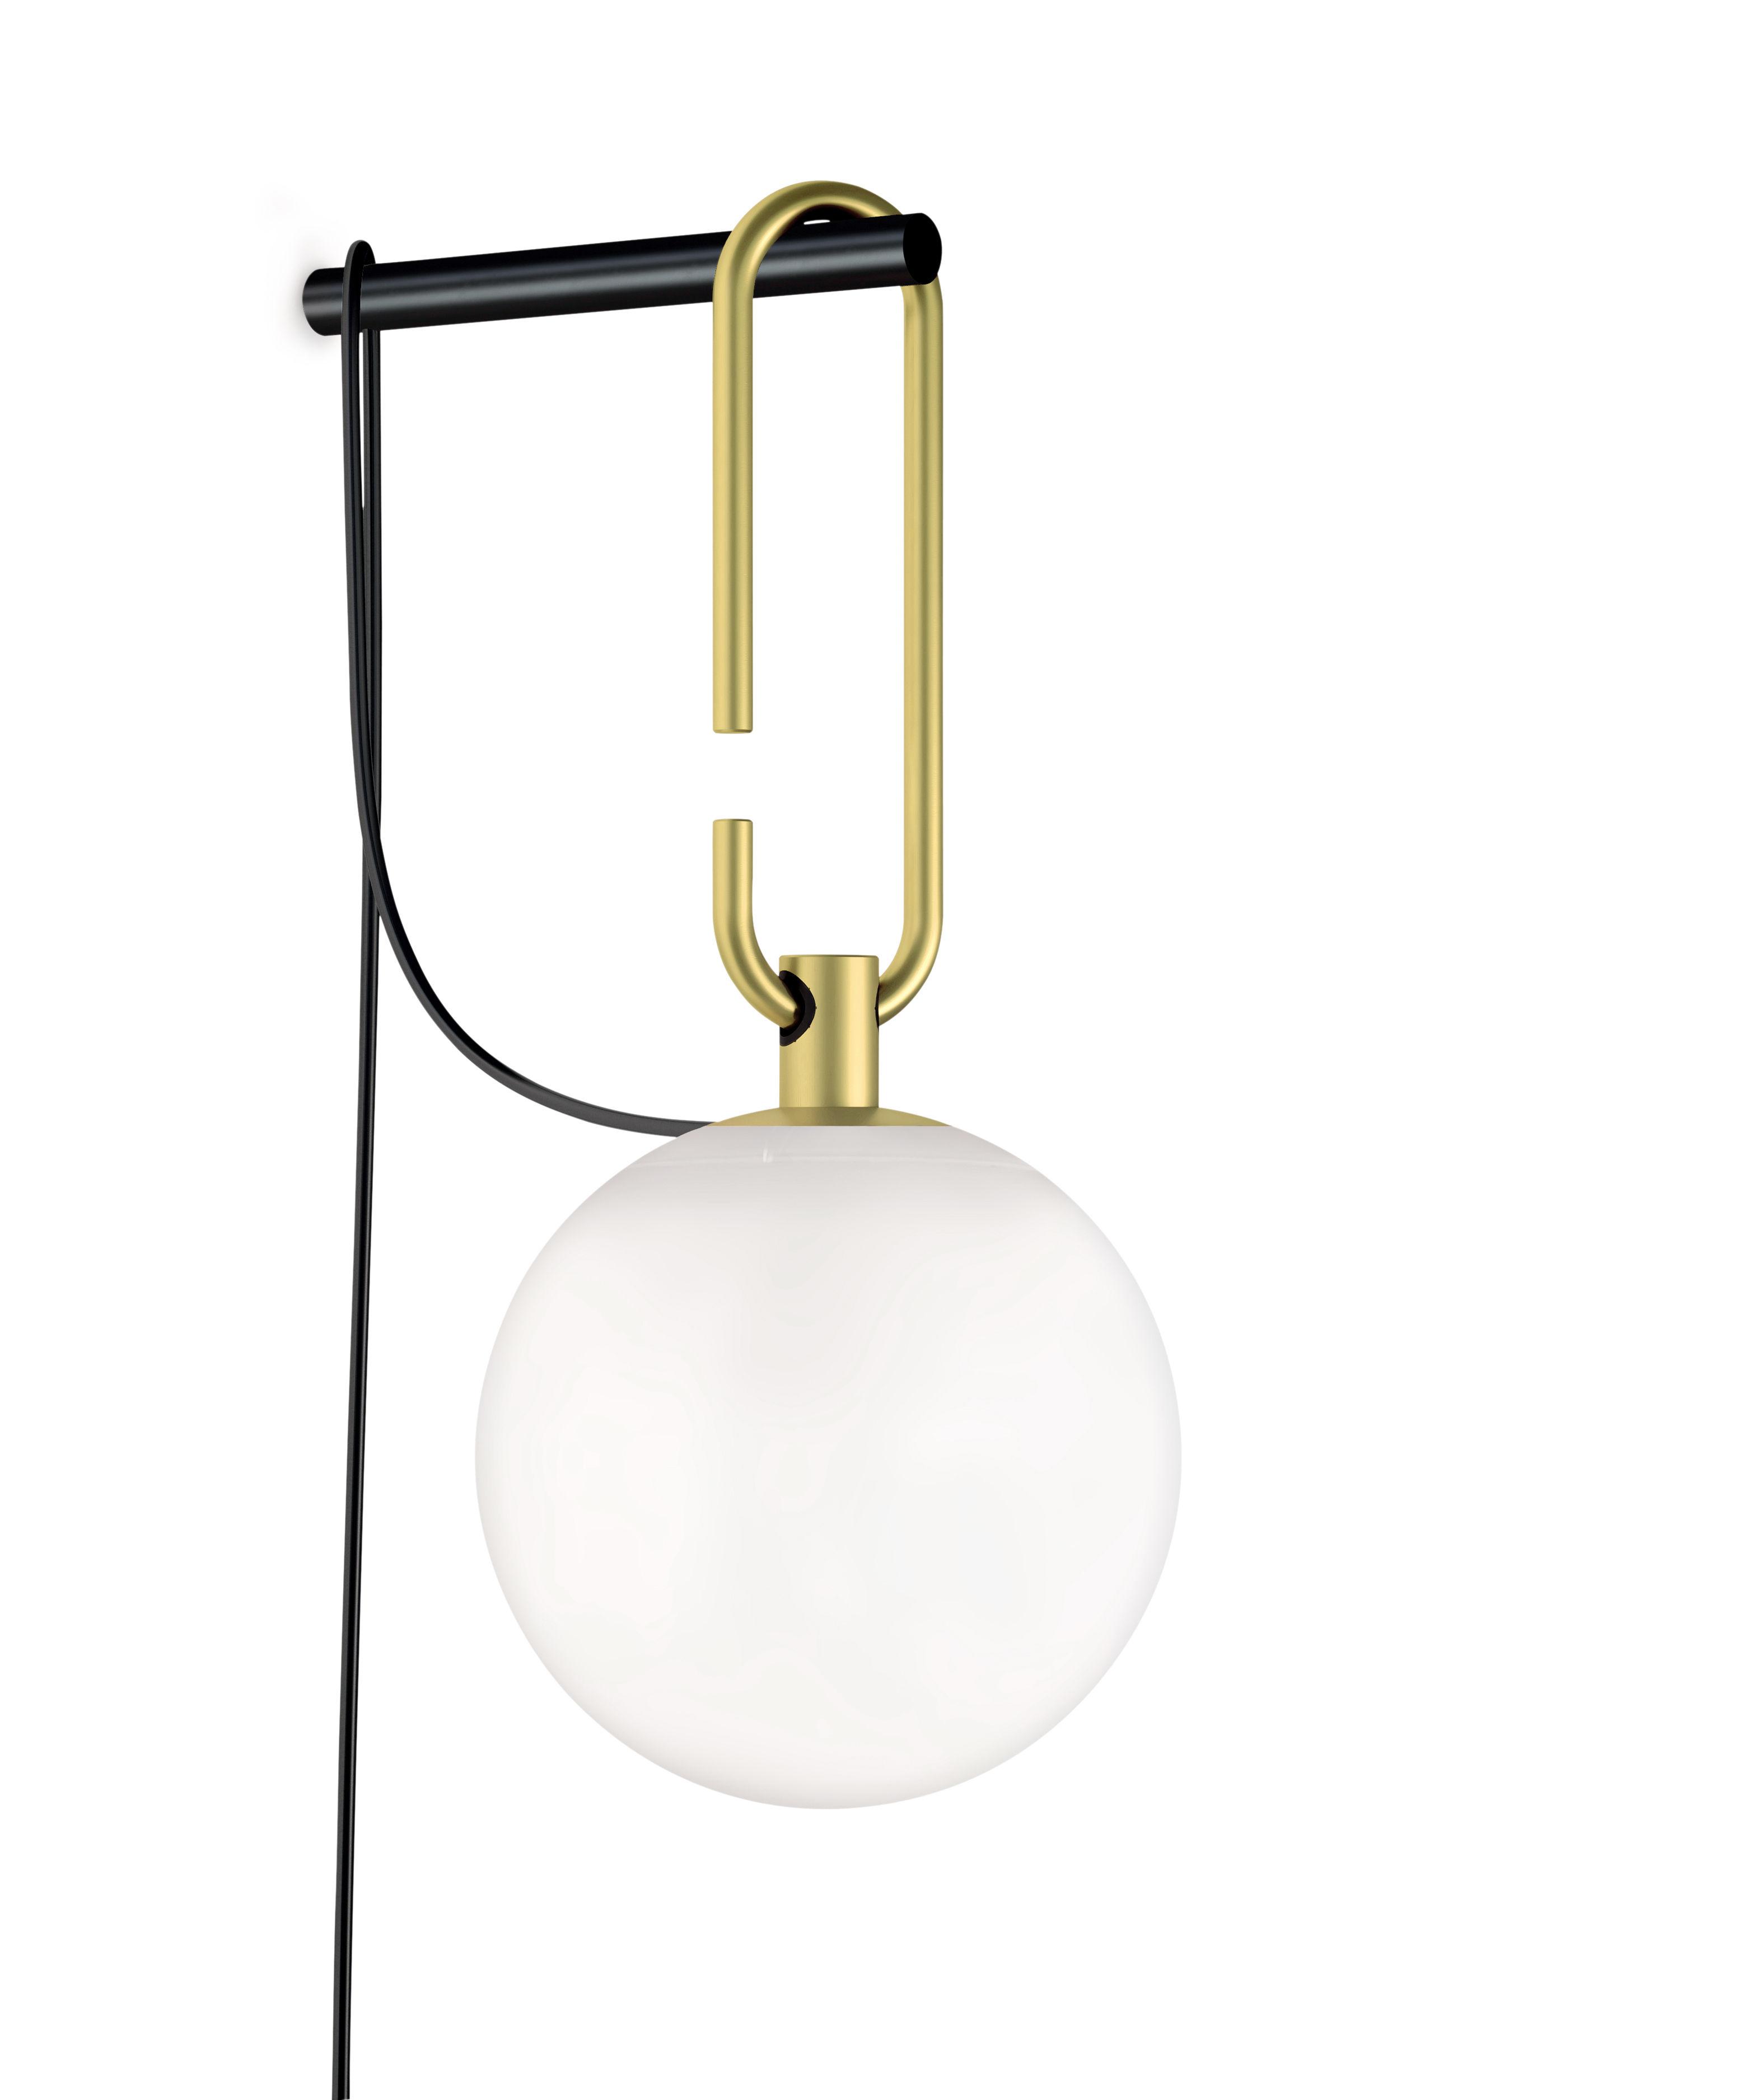 Lighting - Wall Lights - nh Wall Wall light - / Blown glass & brass by Artemide - Black / Brass - Blown glass, Brushed brass, Metal